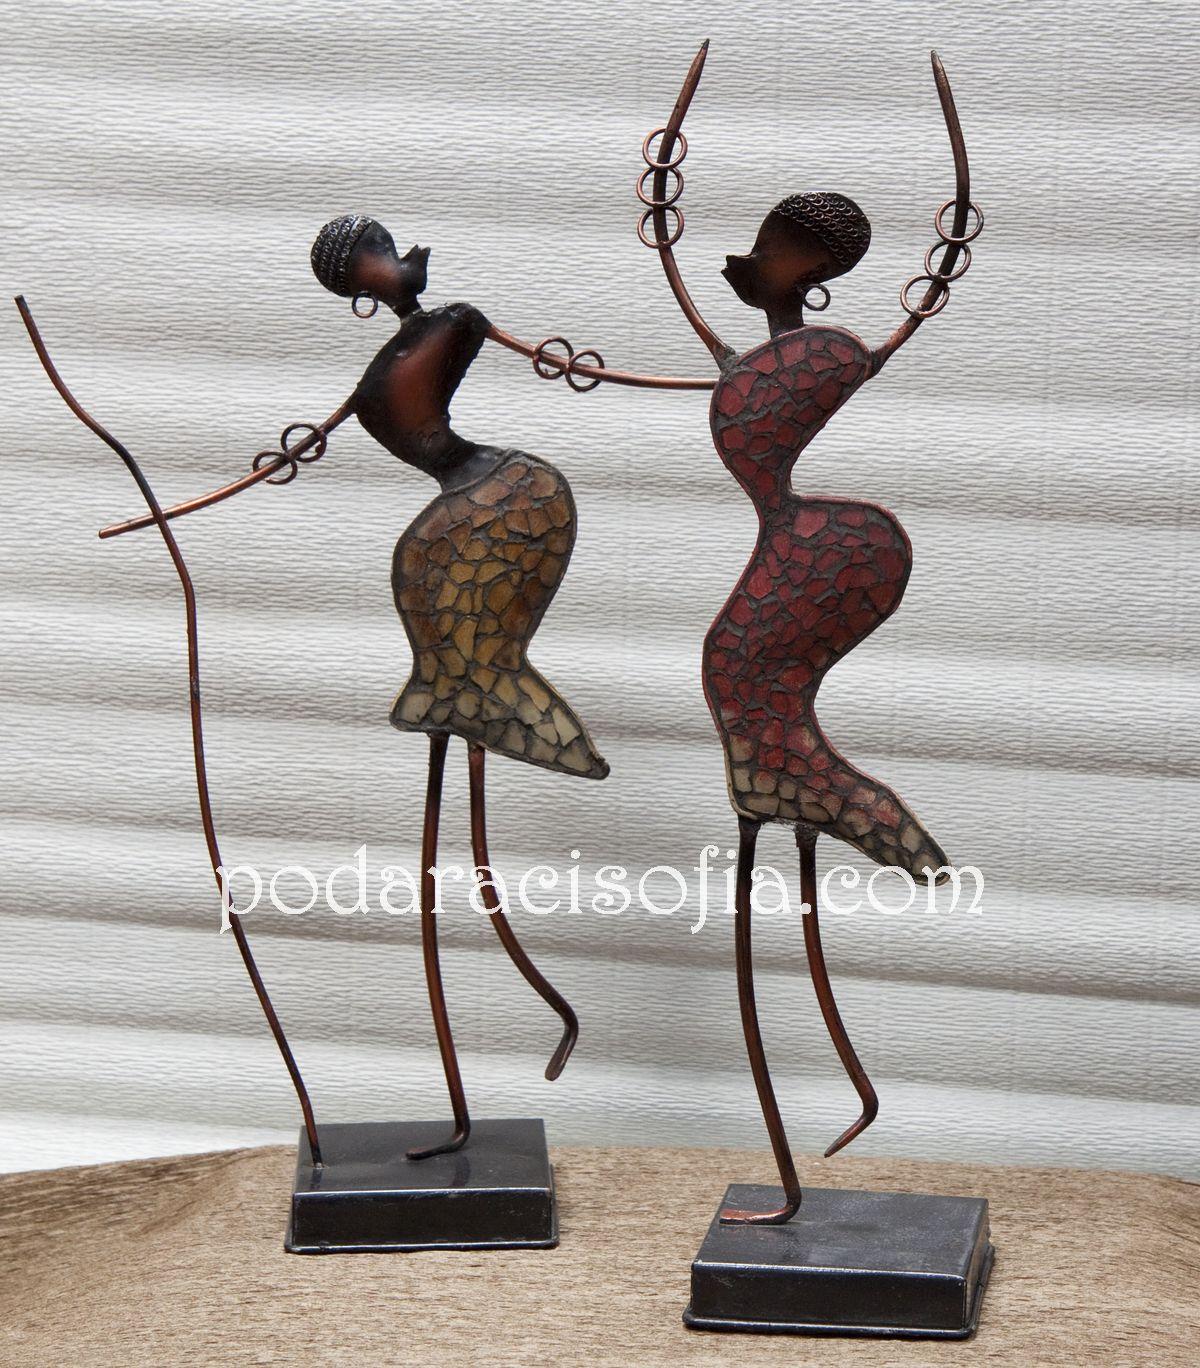 Екзотични фигури за украса в африкански стил от метал и стъкло